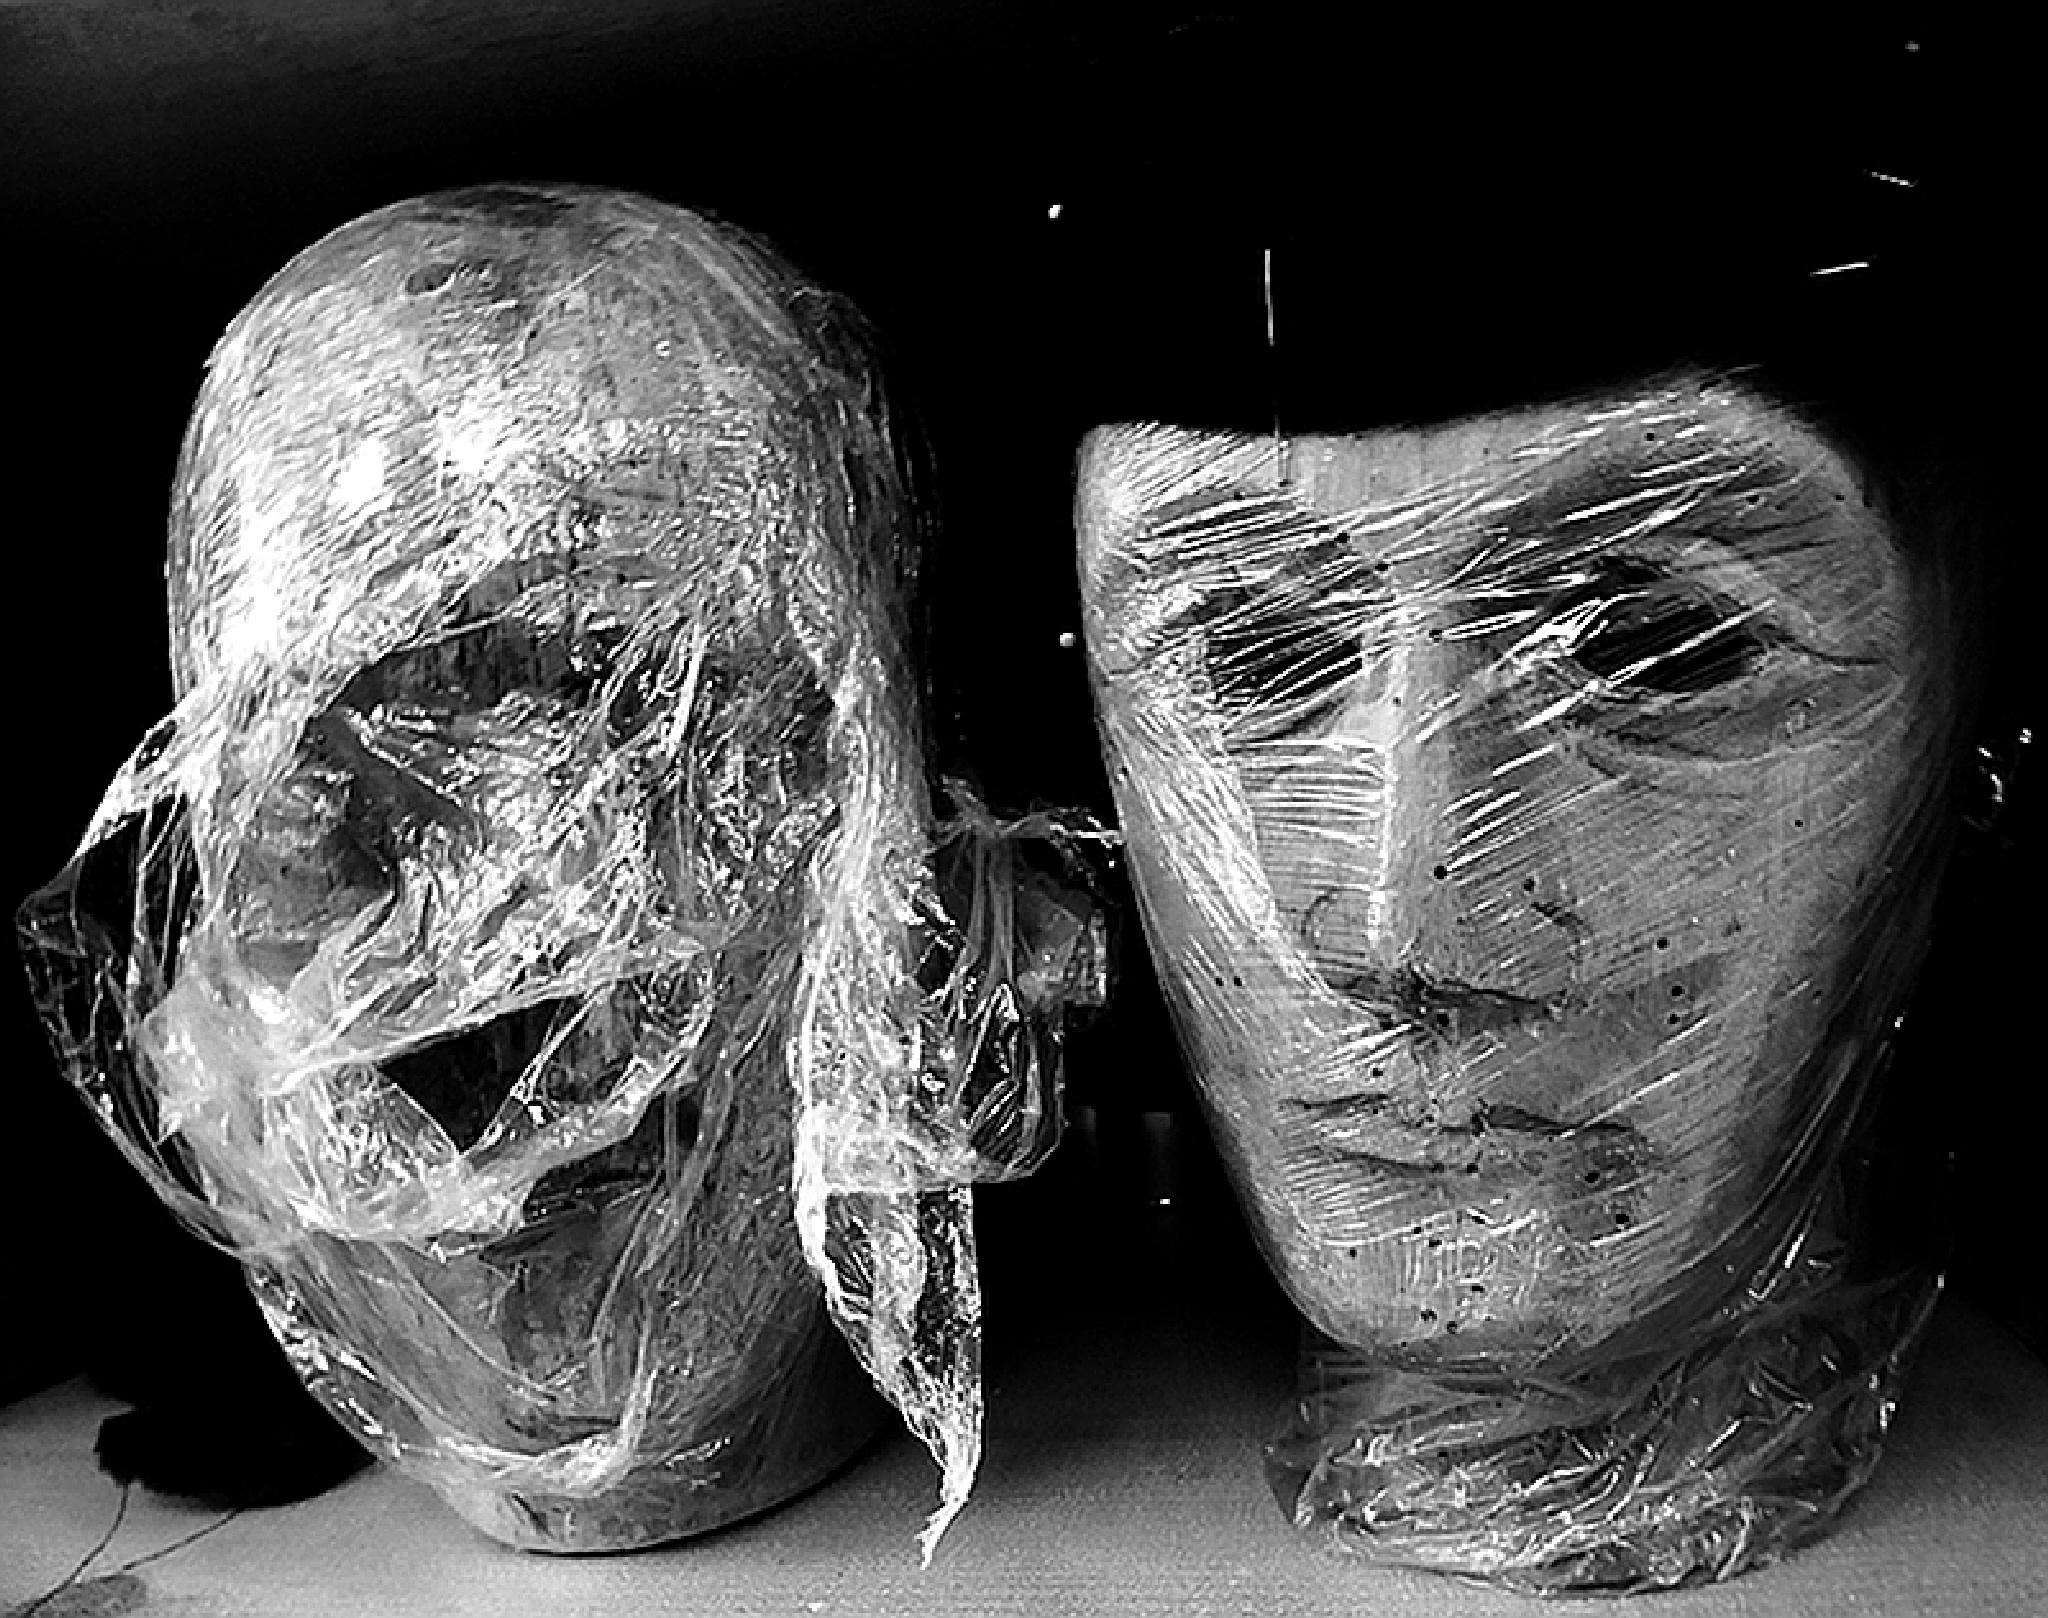 Heads in foil by Gernot Schwarz